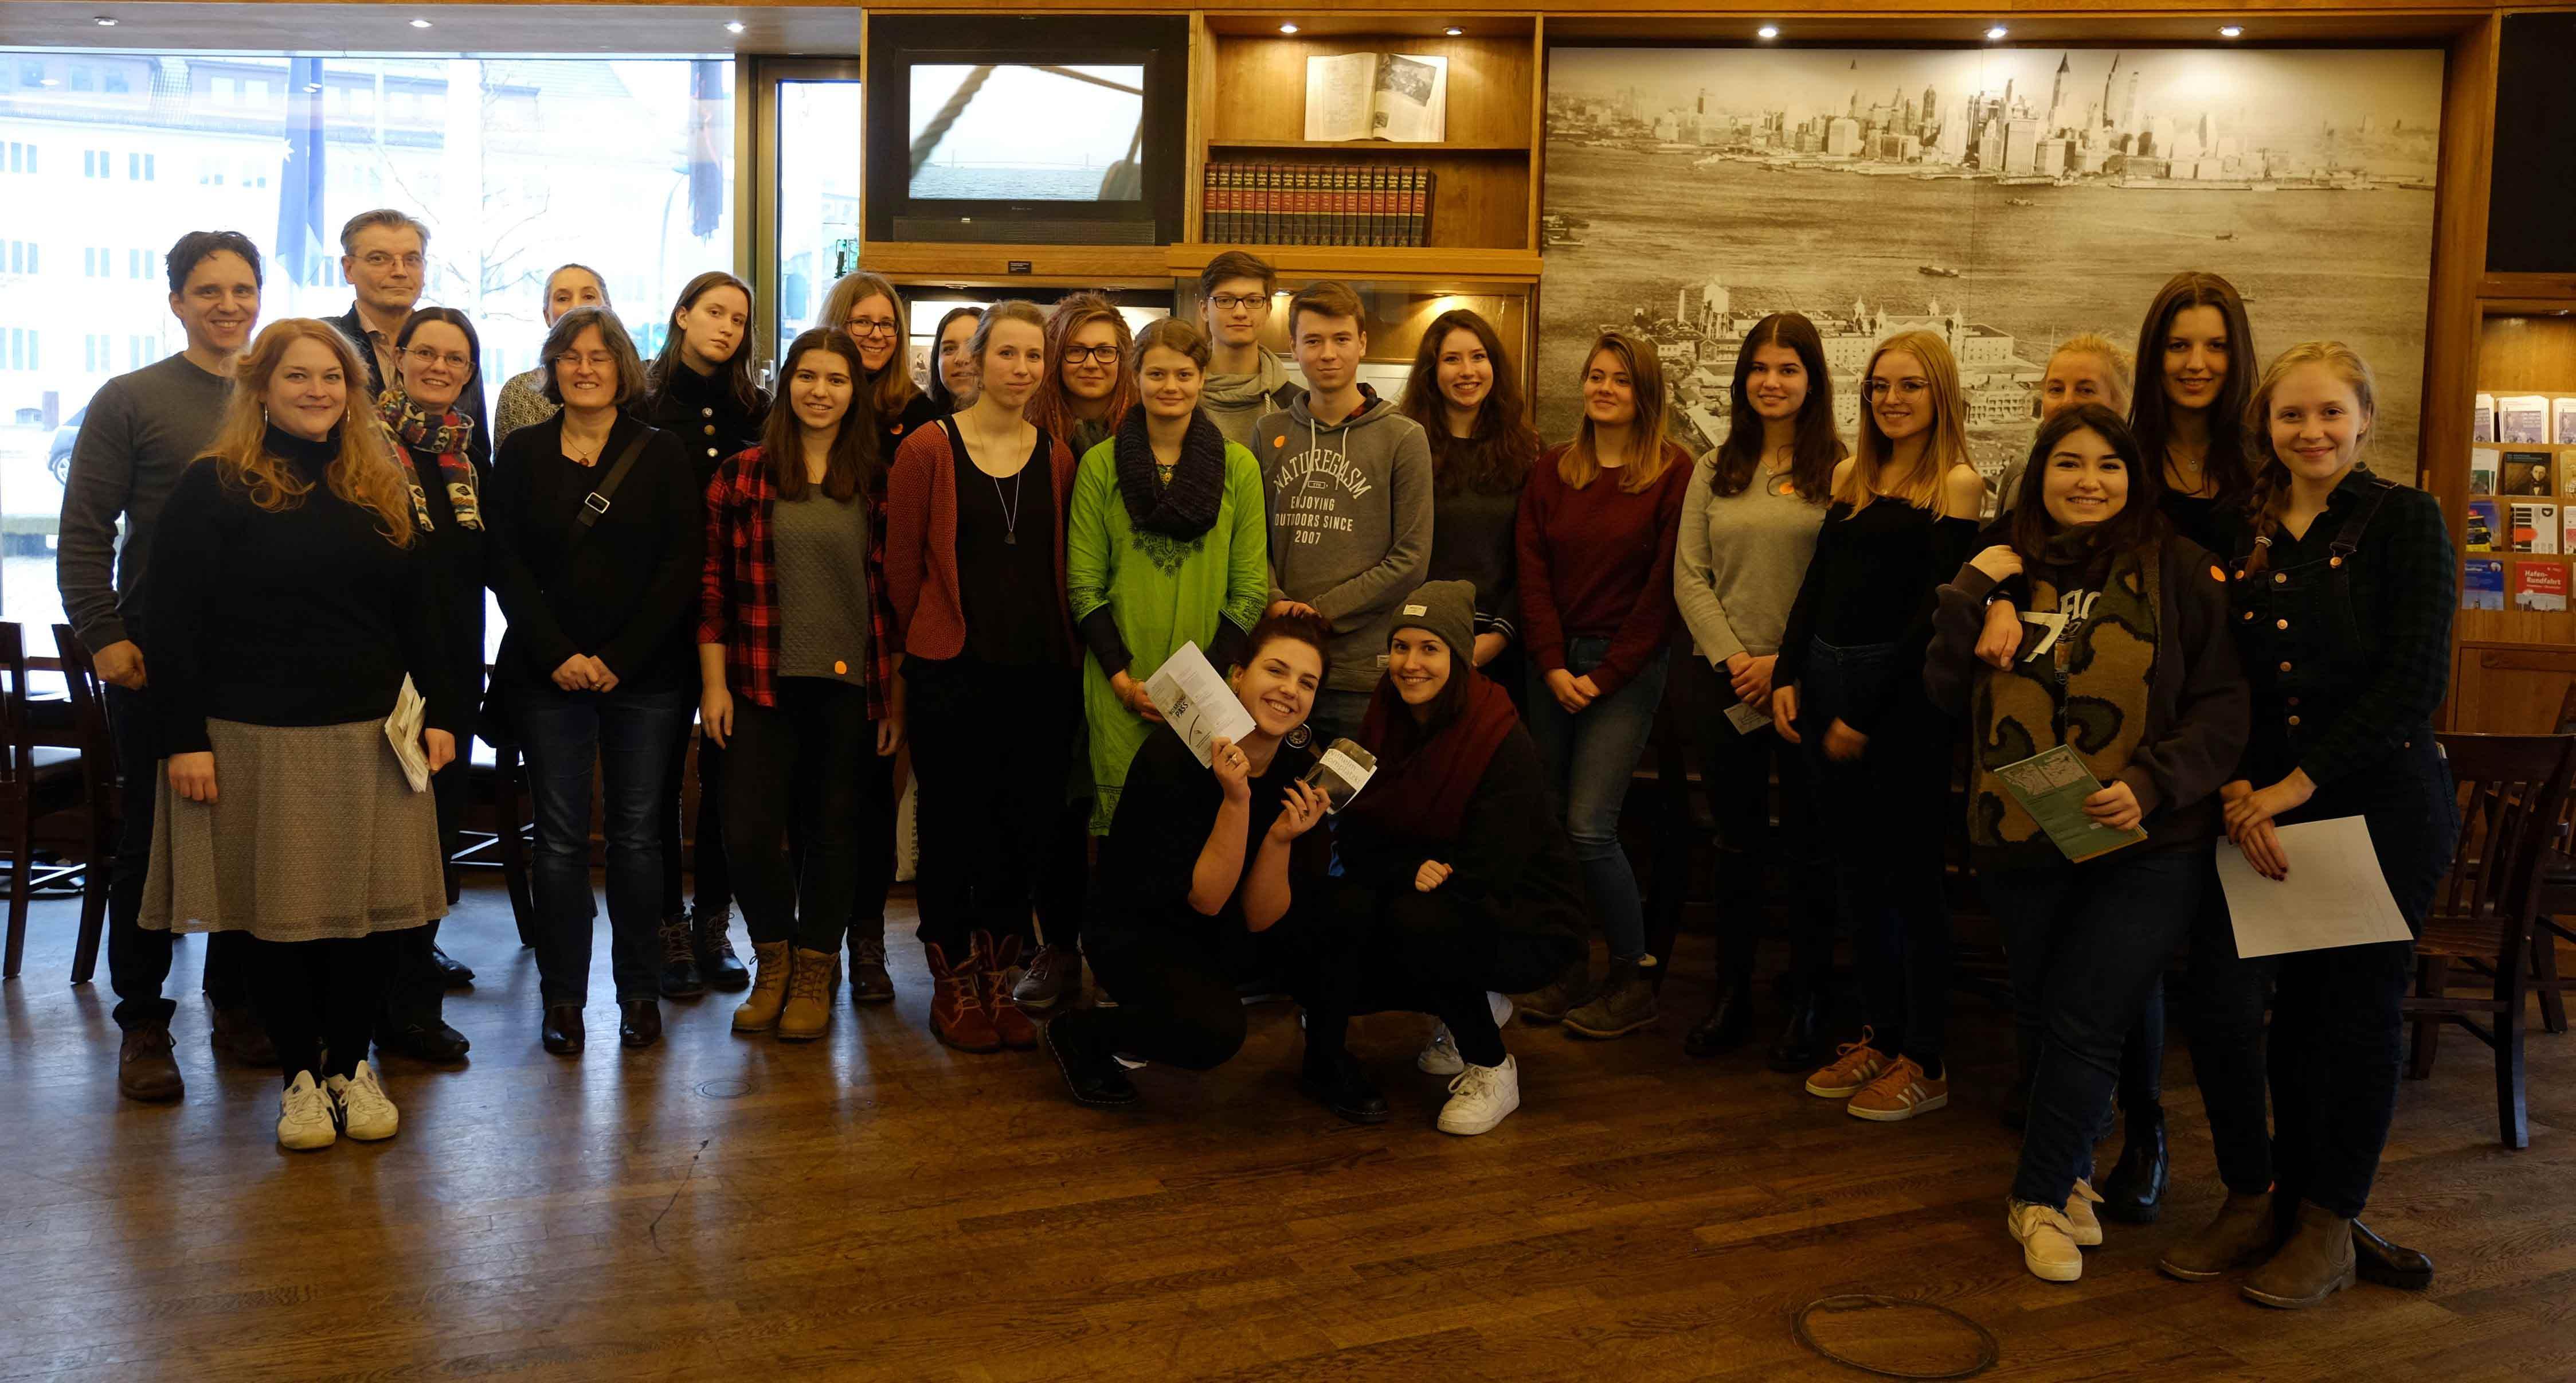 Eindrücke aus dem Deutschen Auswandererhaus Bremerhaven. Seitens der Stadt betreuen Julia Berlit-Jackstien, Dr. Edel Sheridan-Quantz und Anette Klecha das Projekt.